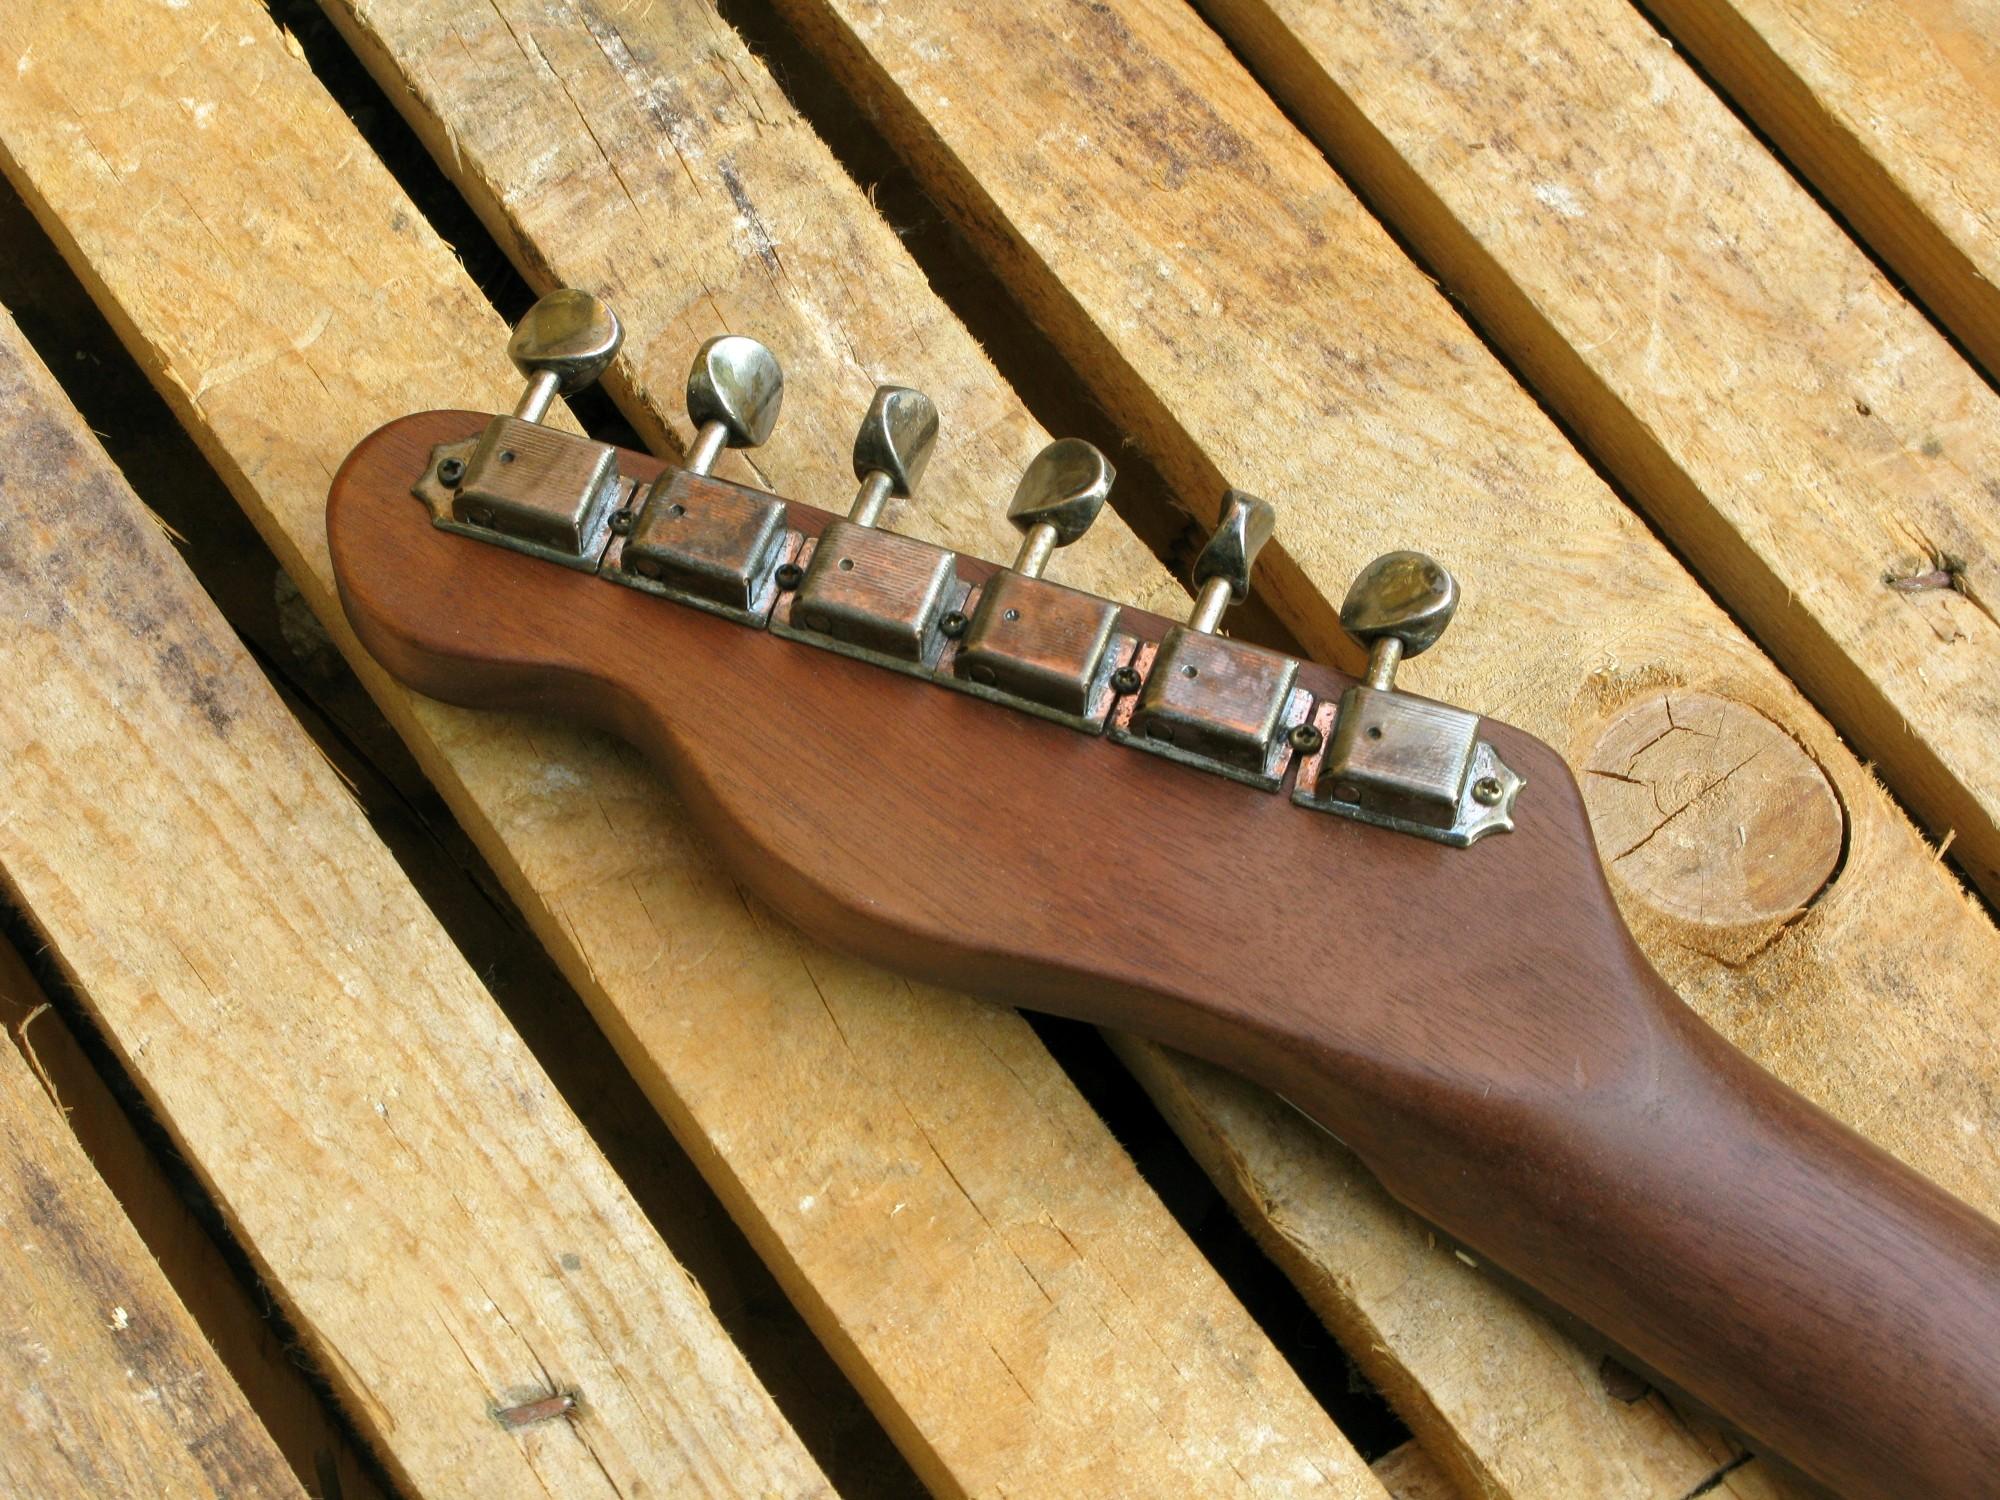 Retro della paletta in noce di una chitarra Telecaster in pioppo antico